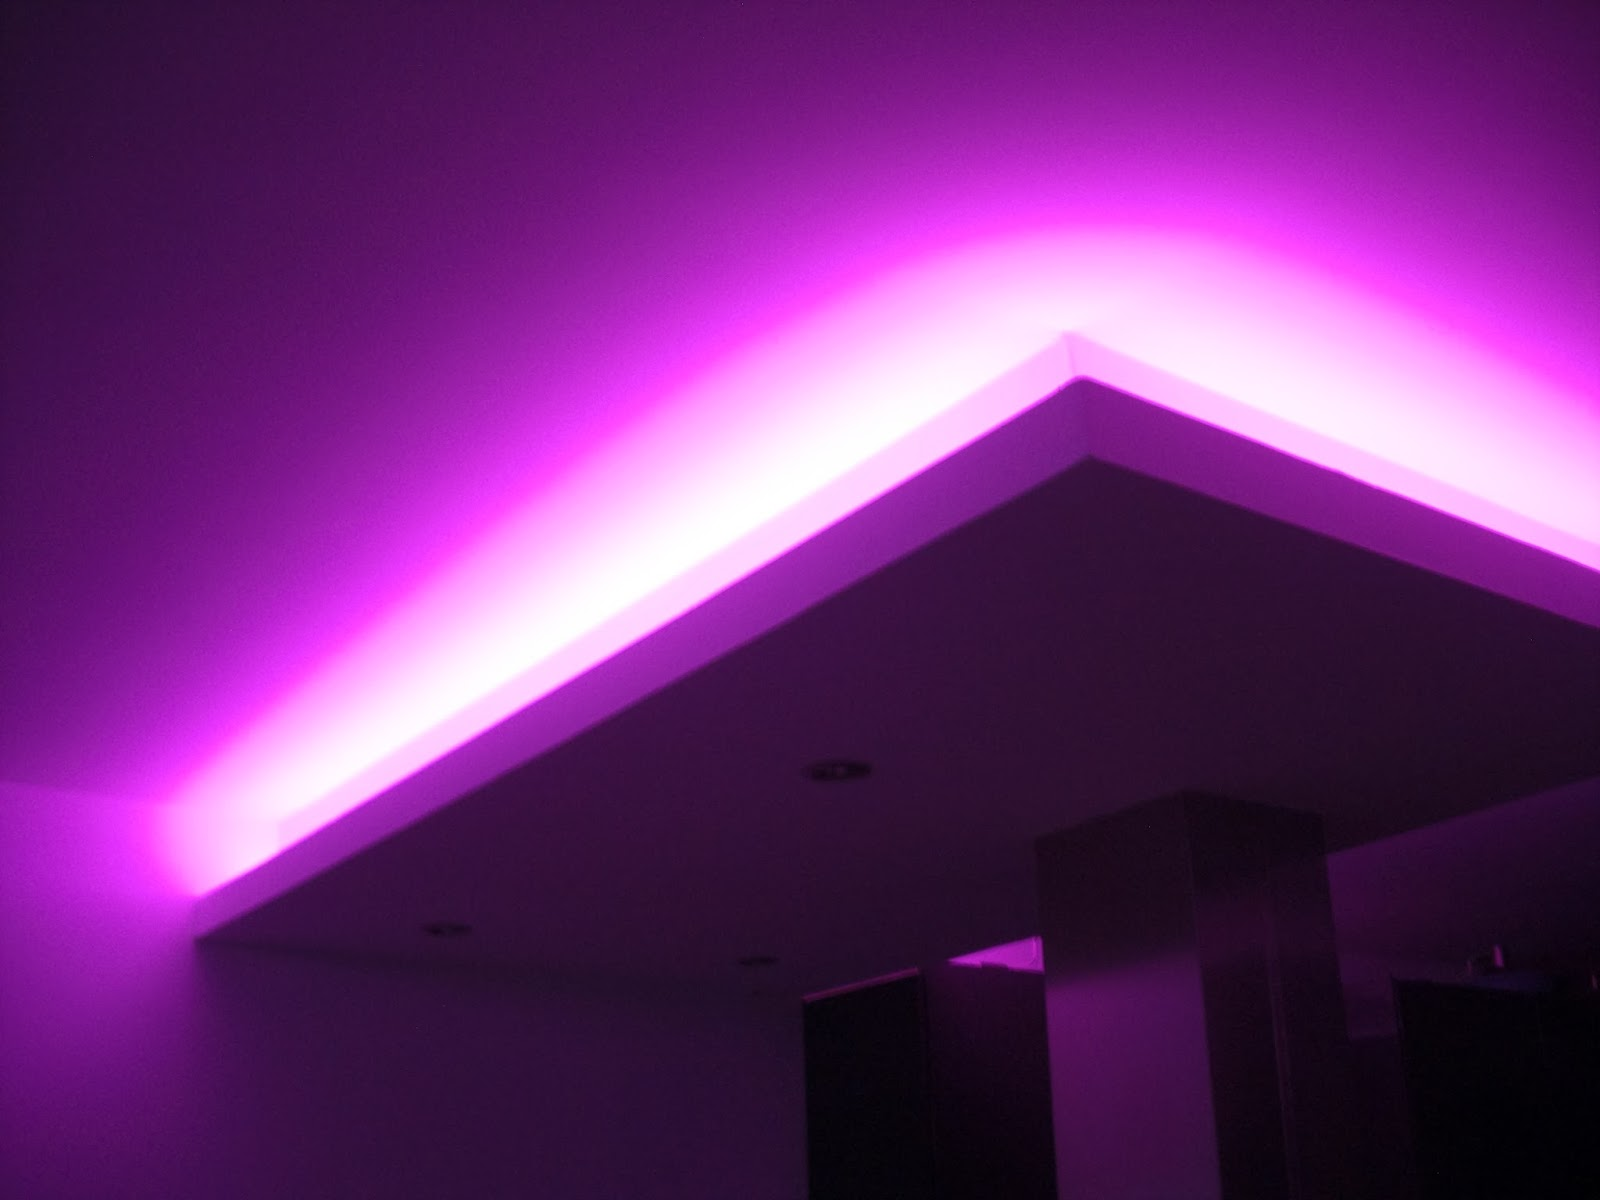 eclairage led faux plafond moderne 2014 d coration platre maroc faux plafond dalle arc platre. Black Bedroom Furniture Sets. Home Design Ideas